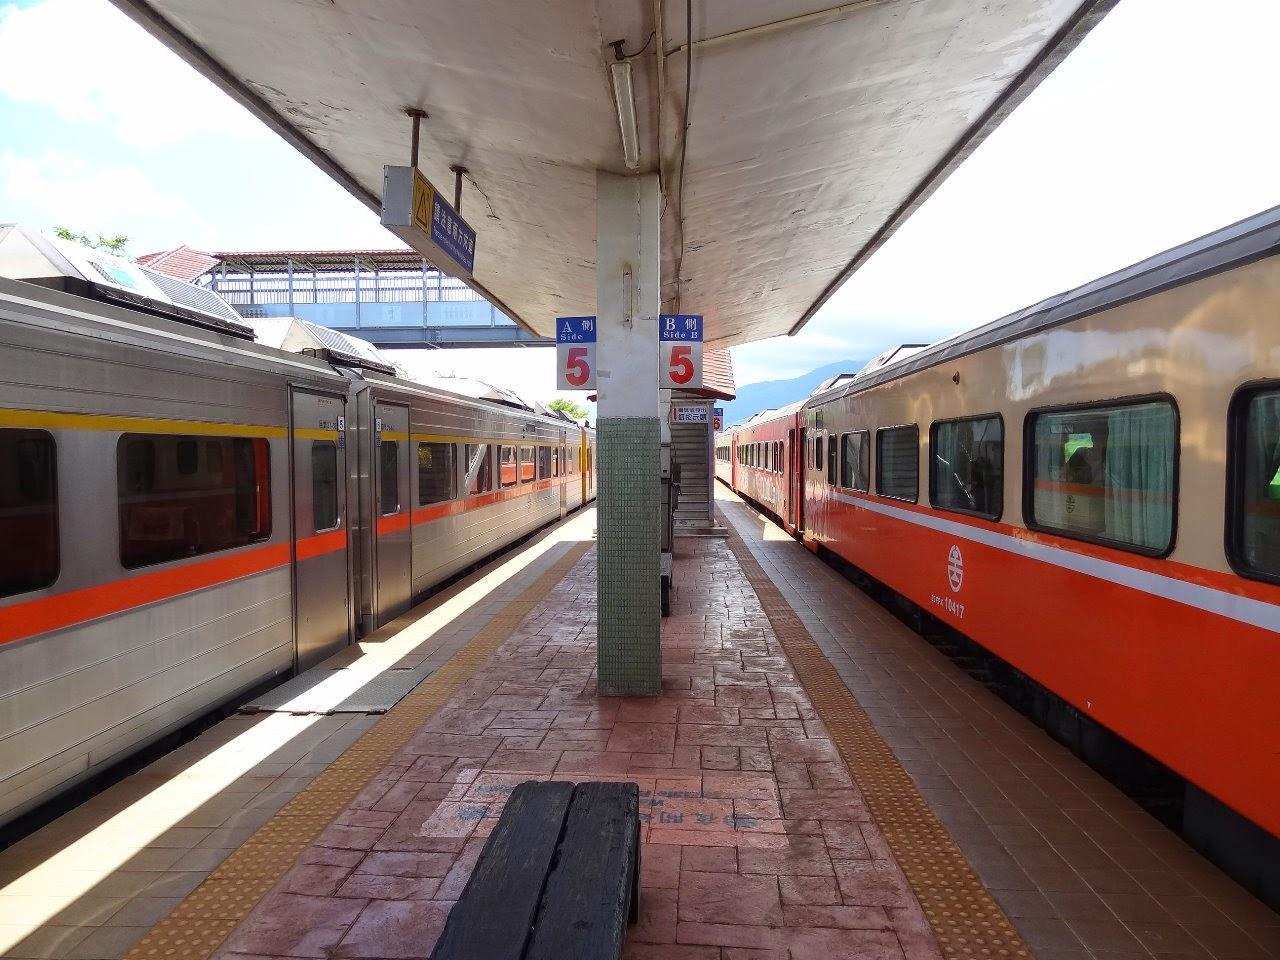 鐵貓=鐵道與貓的完美結合: 康樂車站